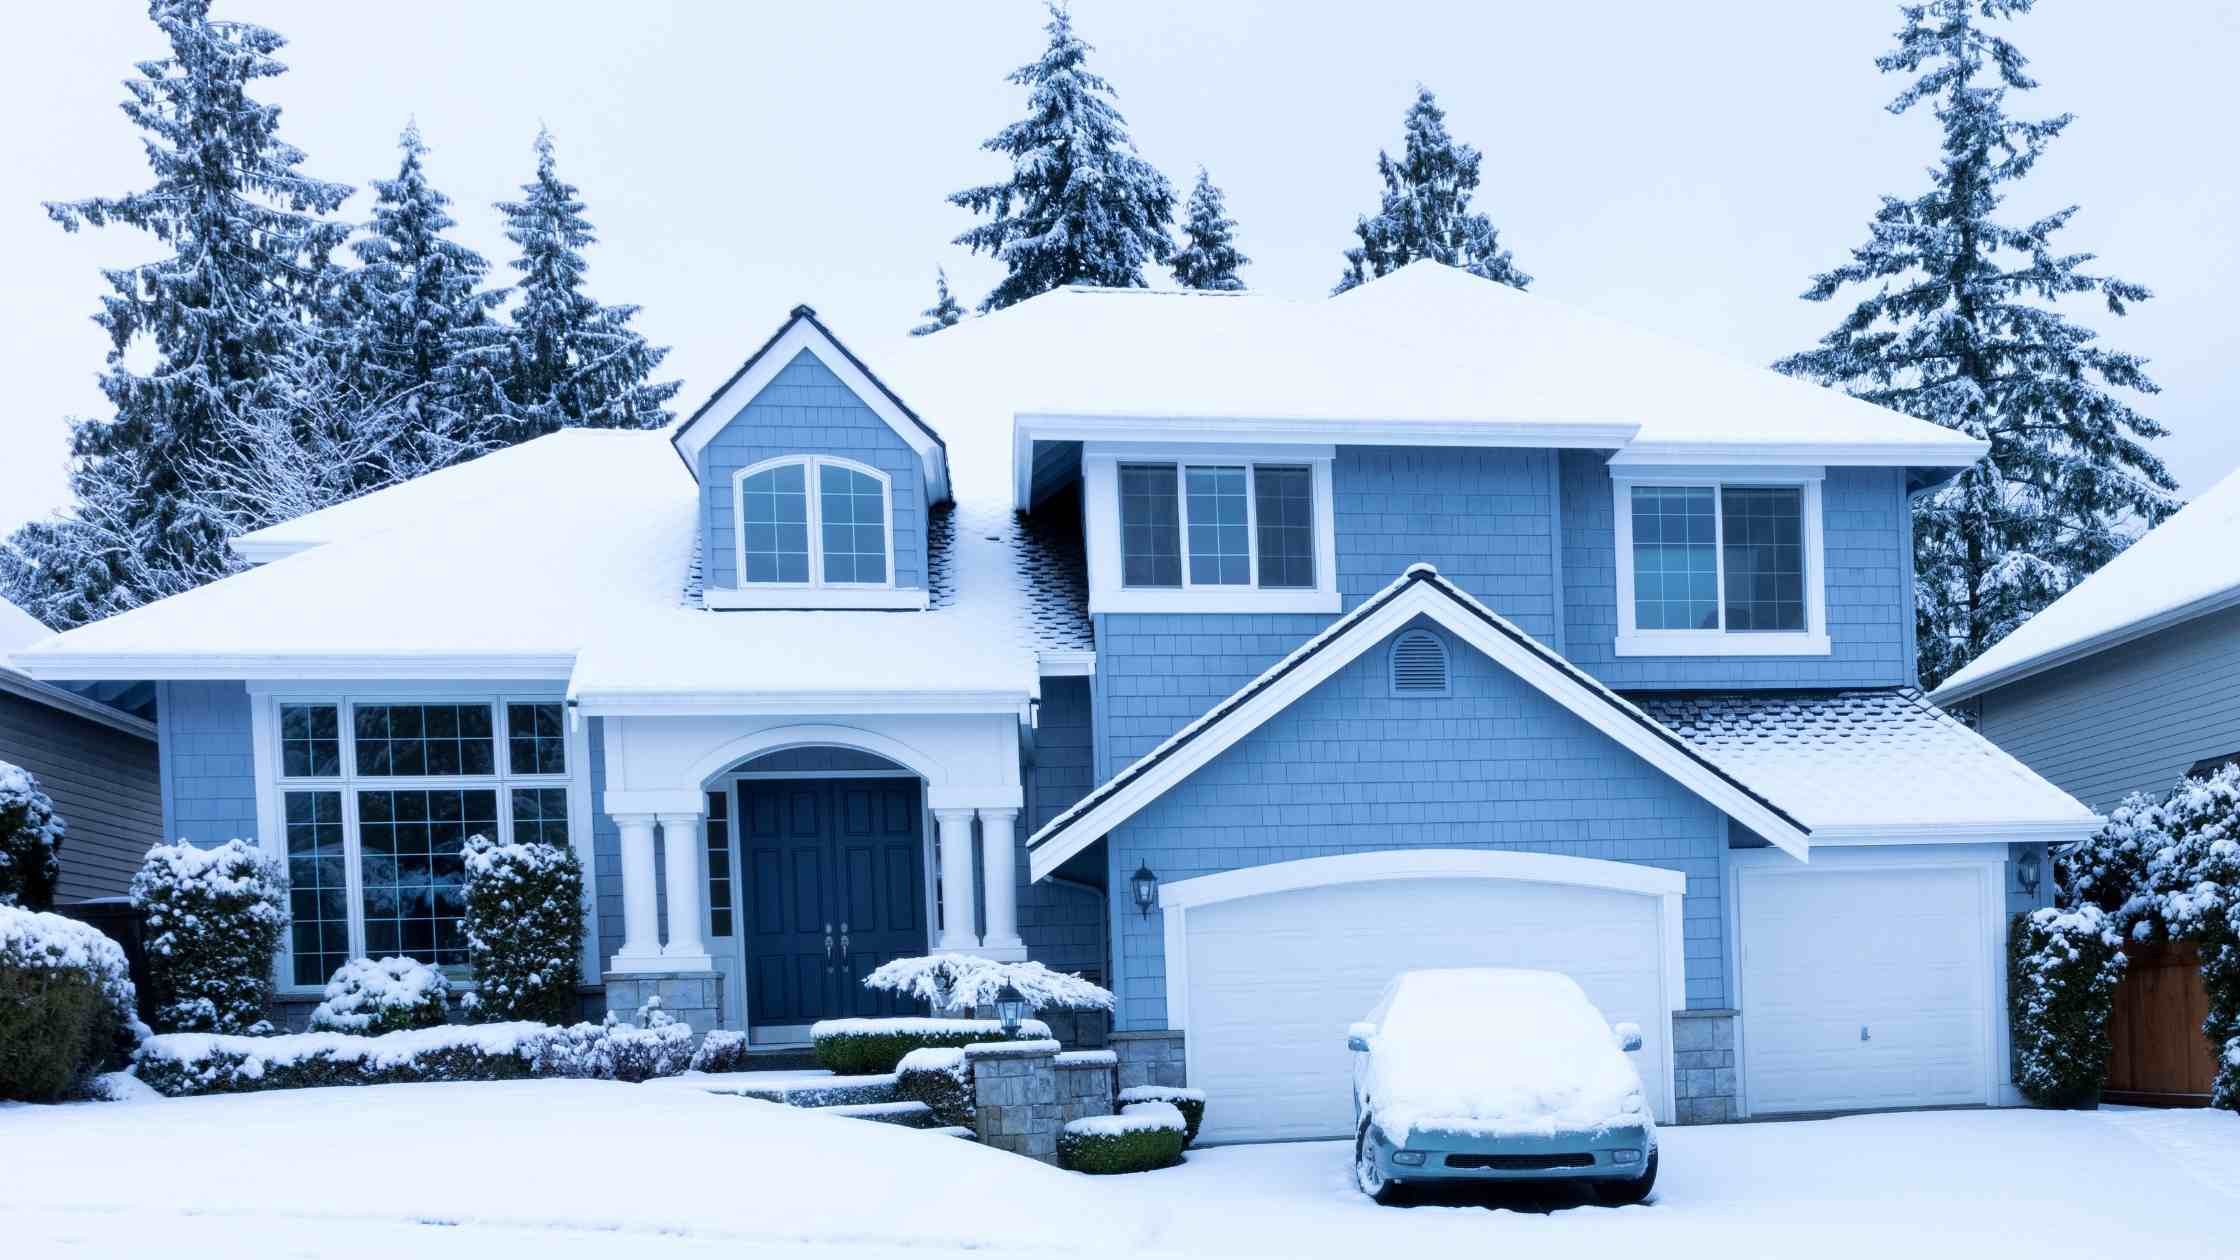 Scott Energy Winter in New England Scene